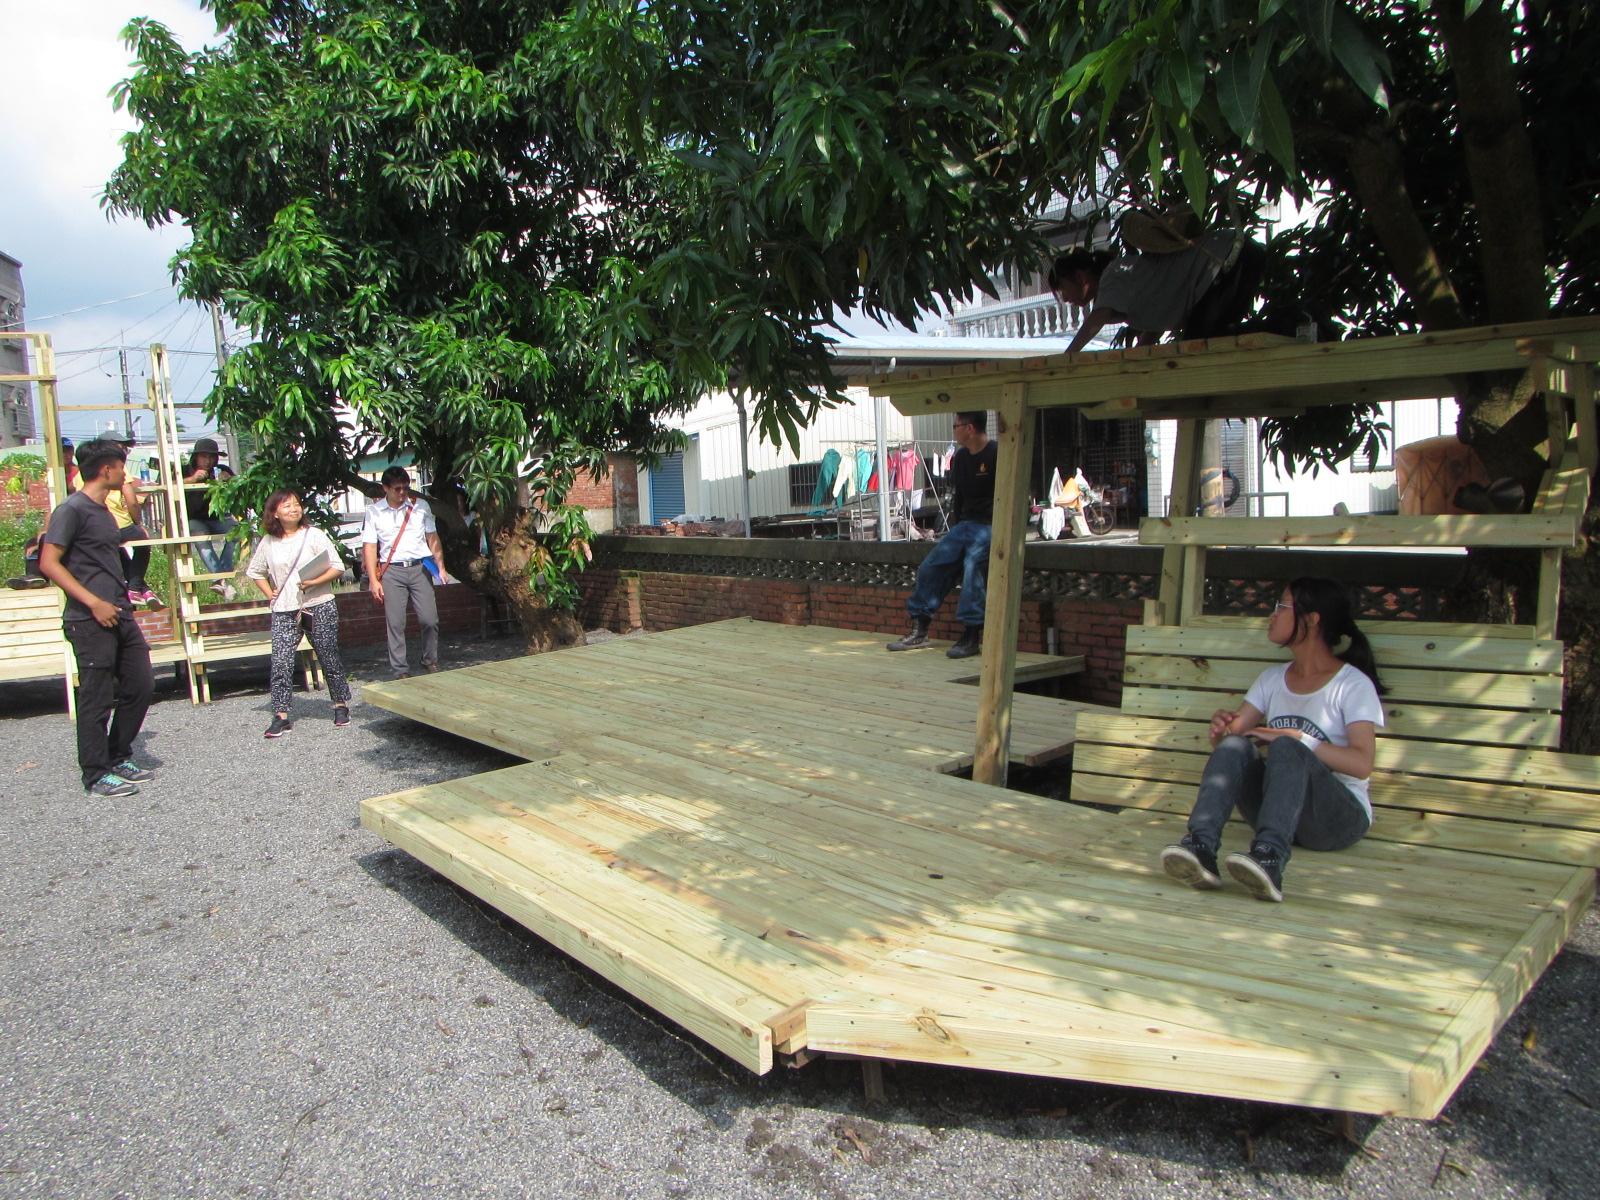 後壁嬉遊境學堂以木構及老屋活化改造為議題 嘗試打造共創空間